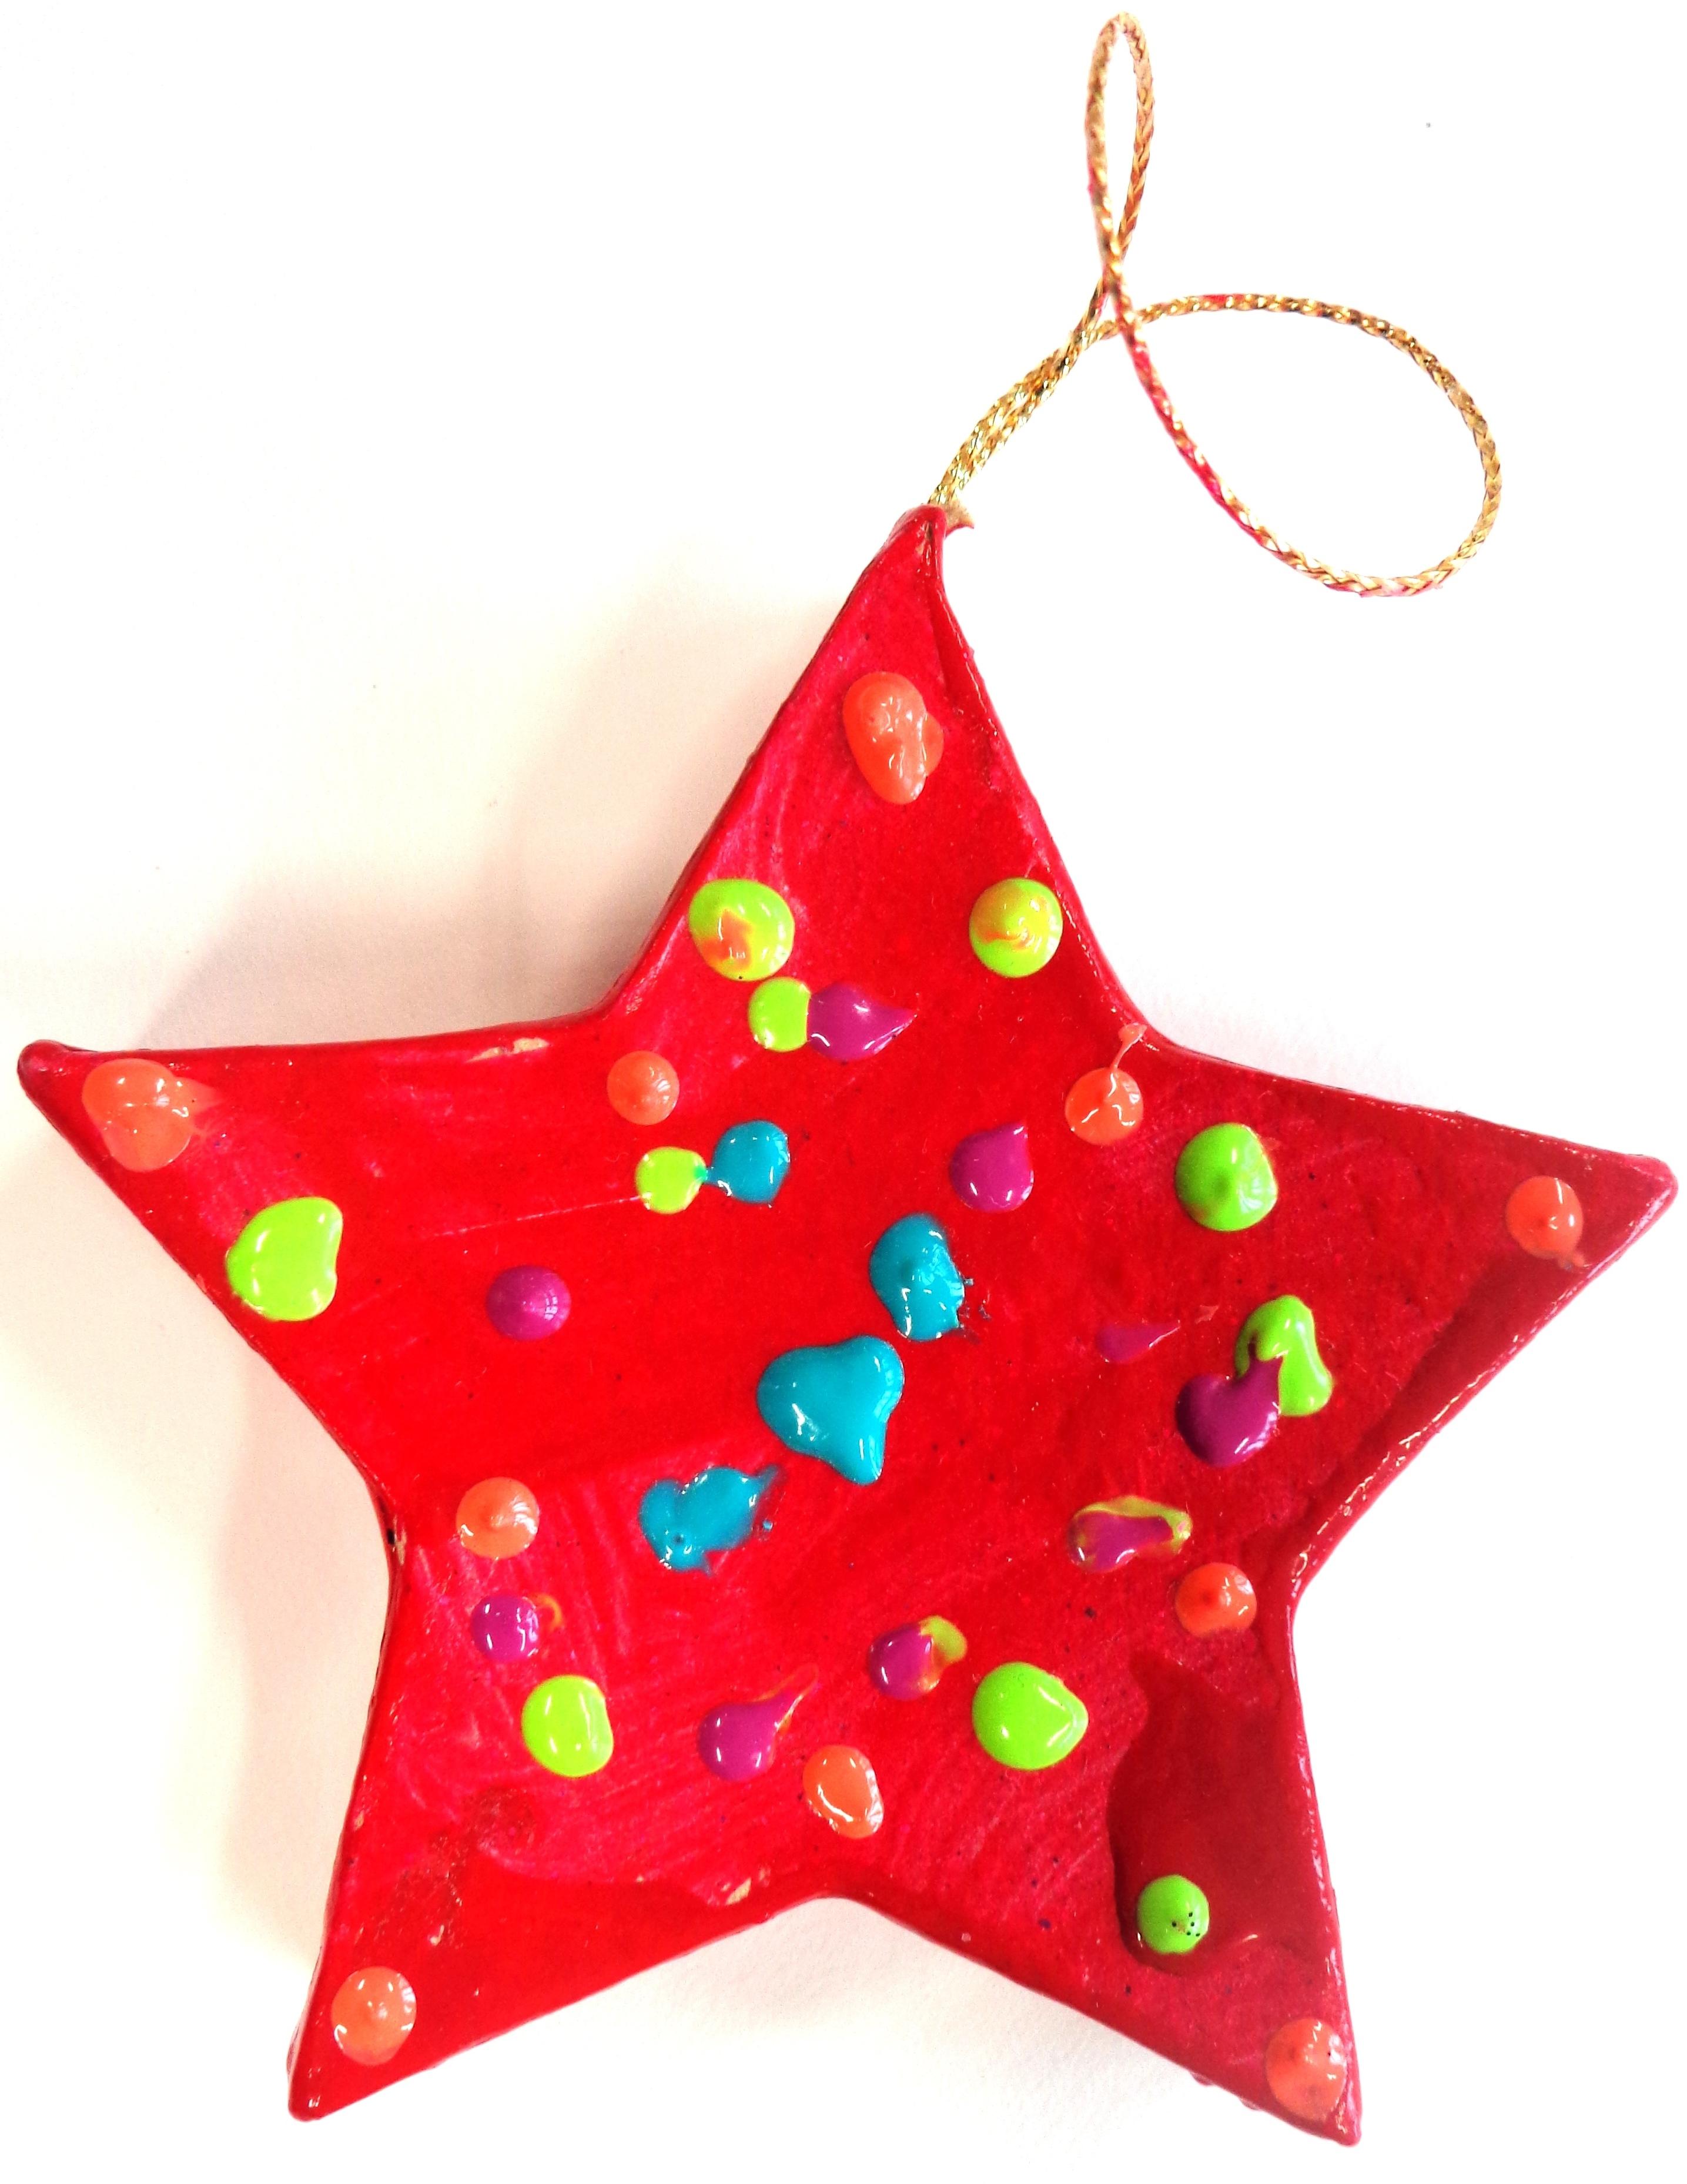 Etoile décorée idée de cadeau de Noël en maternelle